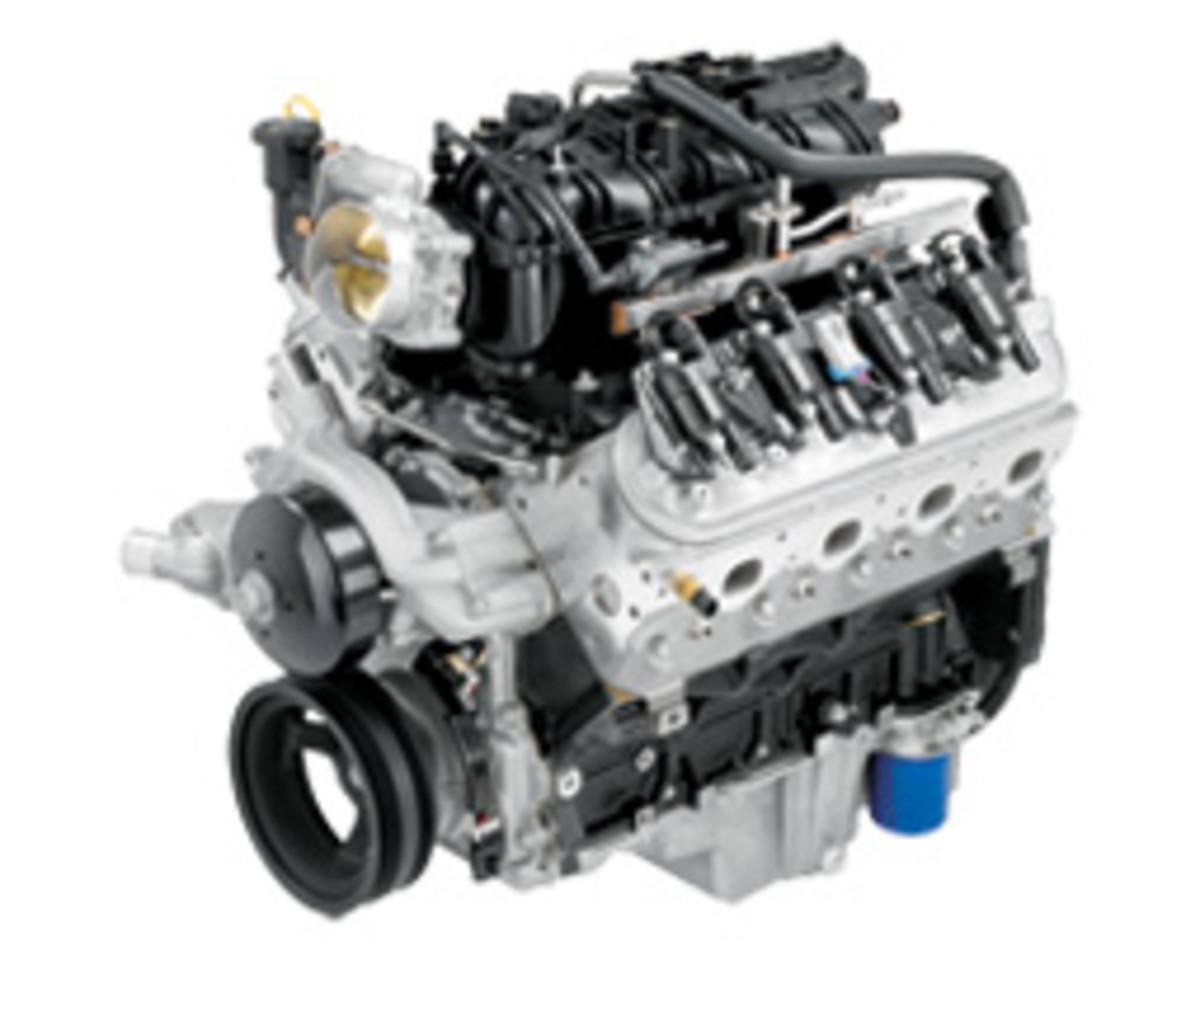 GM Vortec 6.0L V-8 base engine